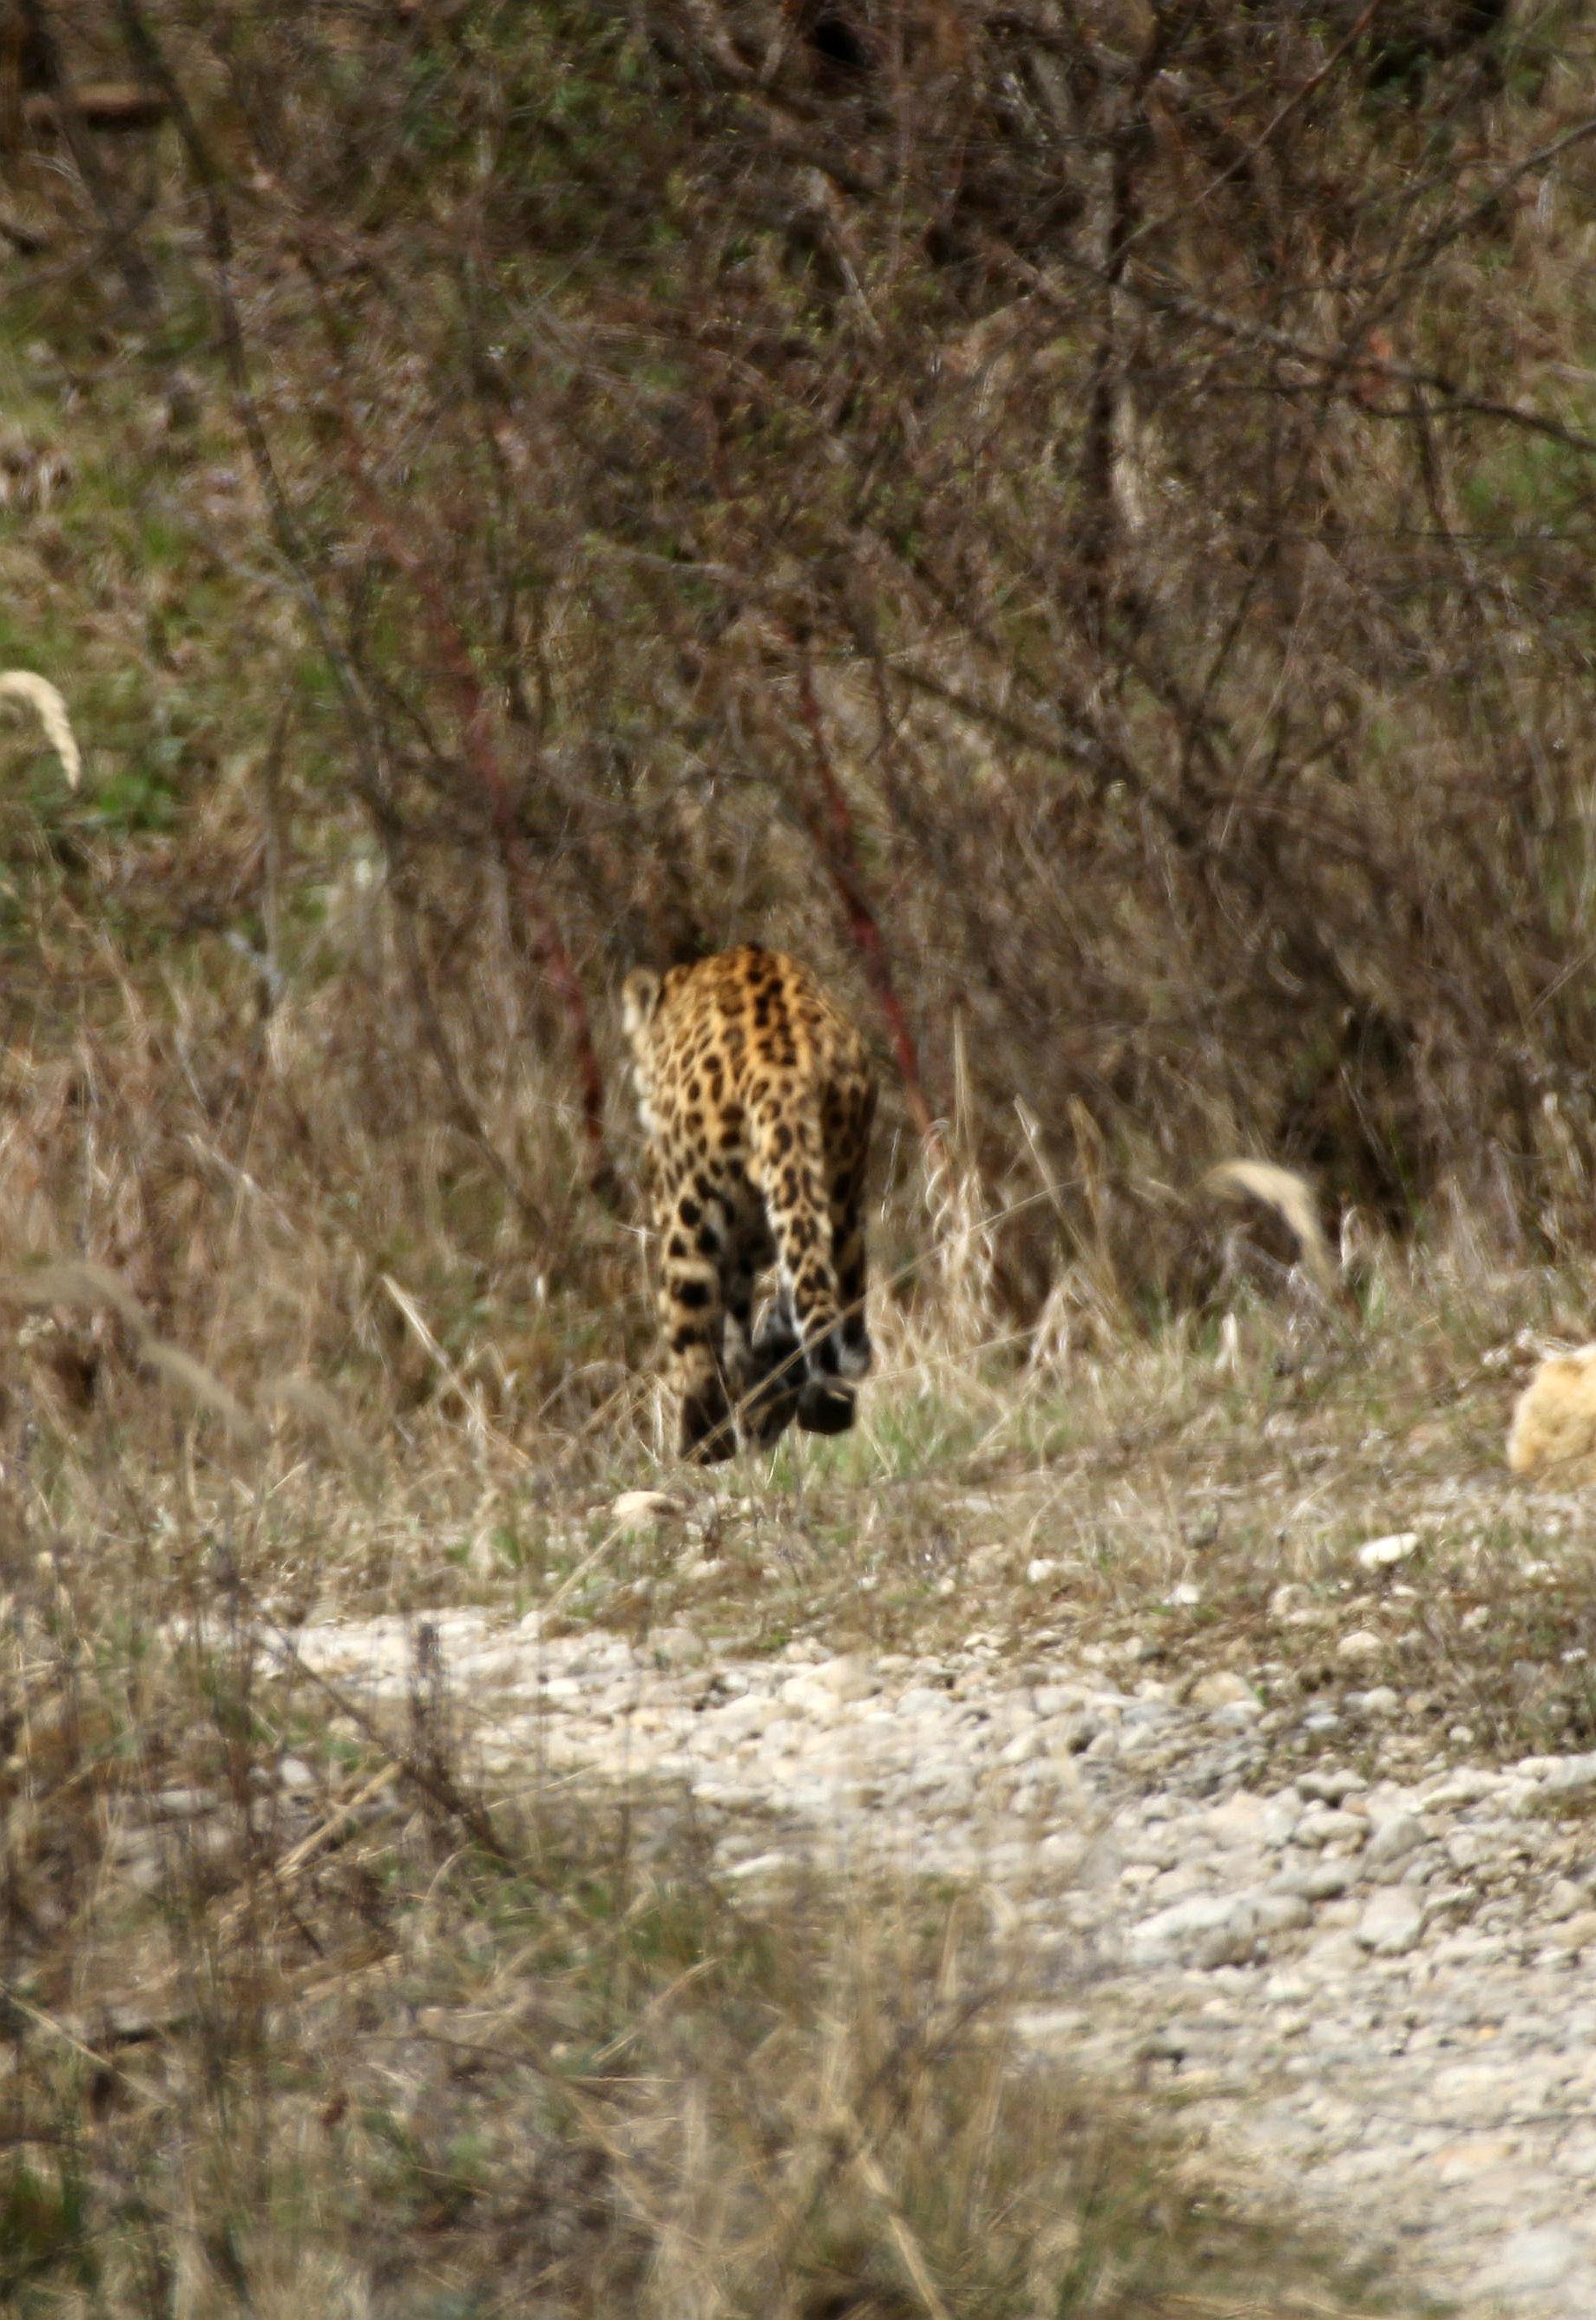 陝西長青自然保護区のパトロール隊員、近距離でヒョウと出合う